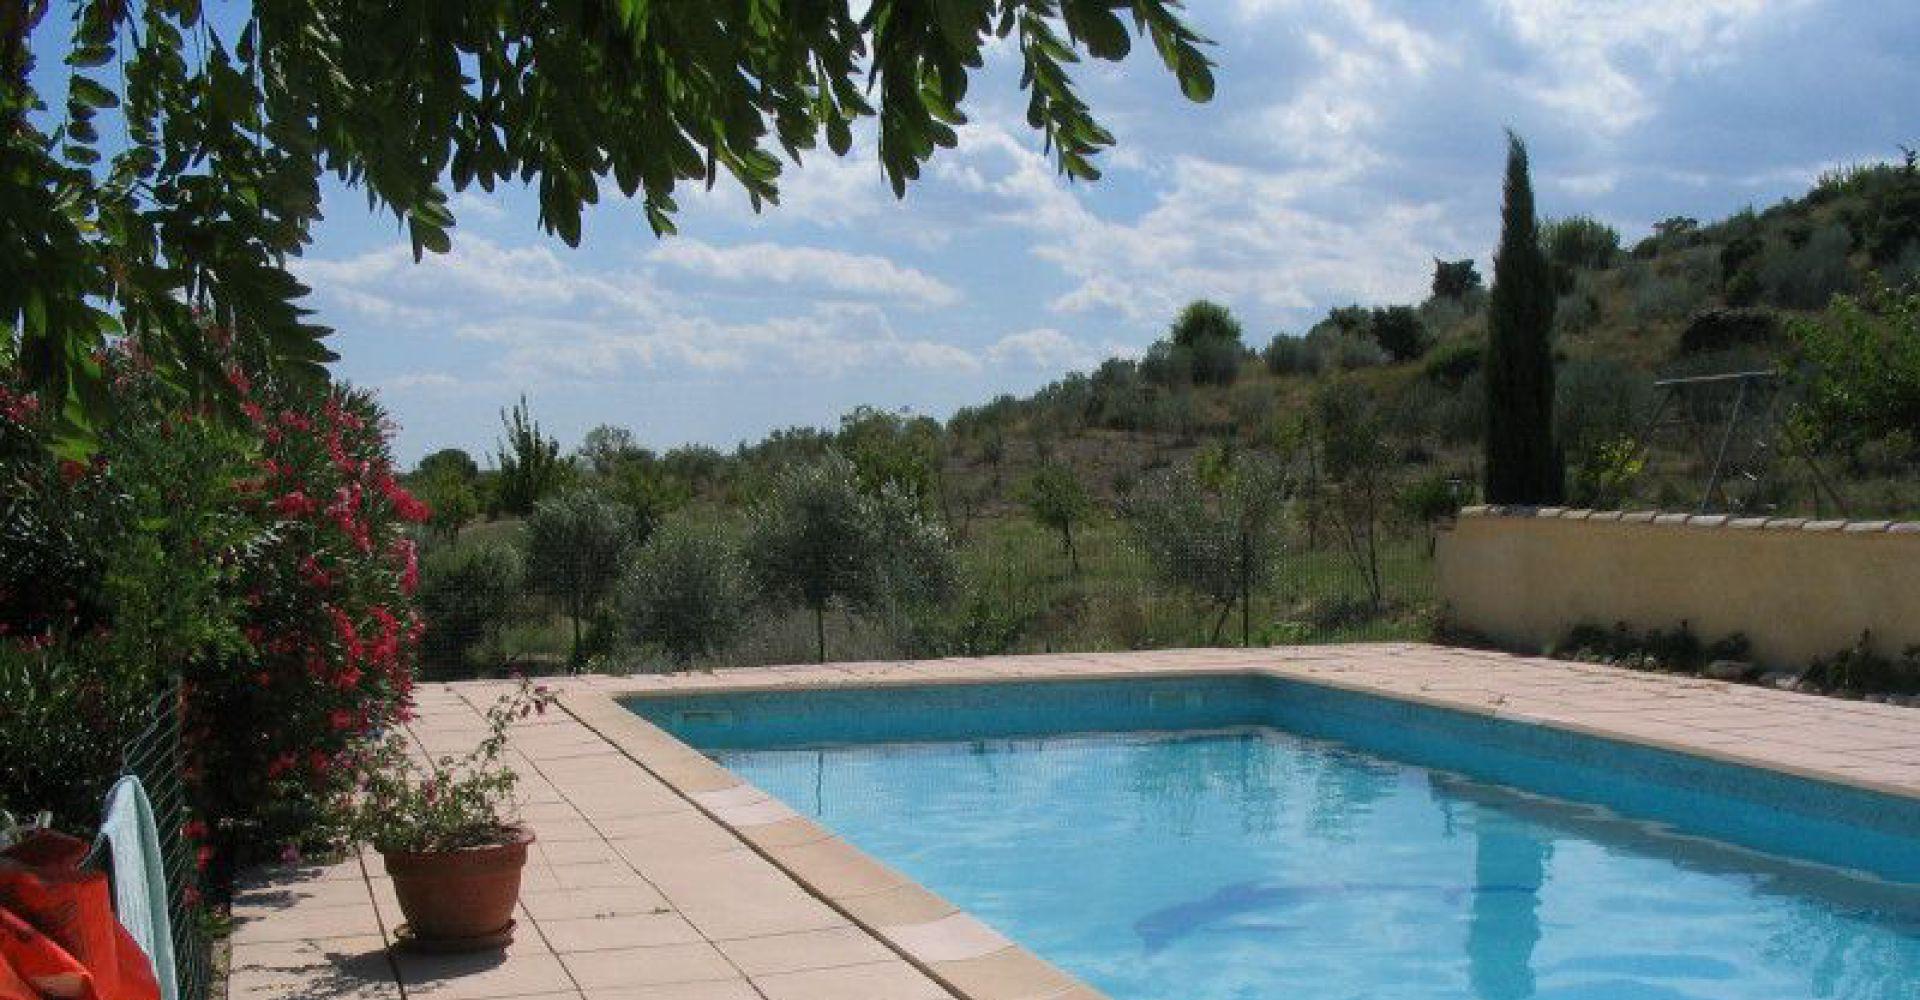 Grande piscine s curis e toute proche des h bergements for Piscine le pontet